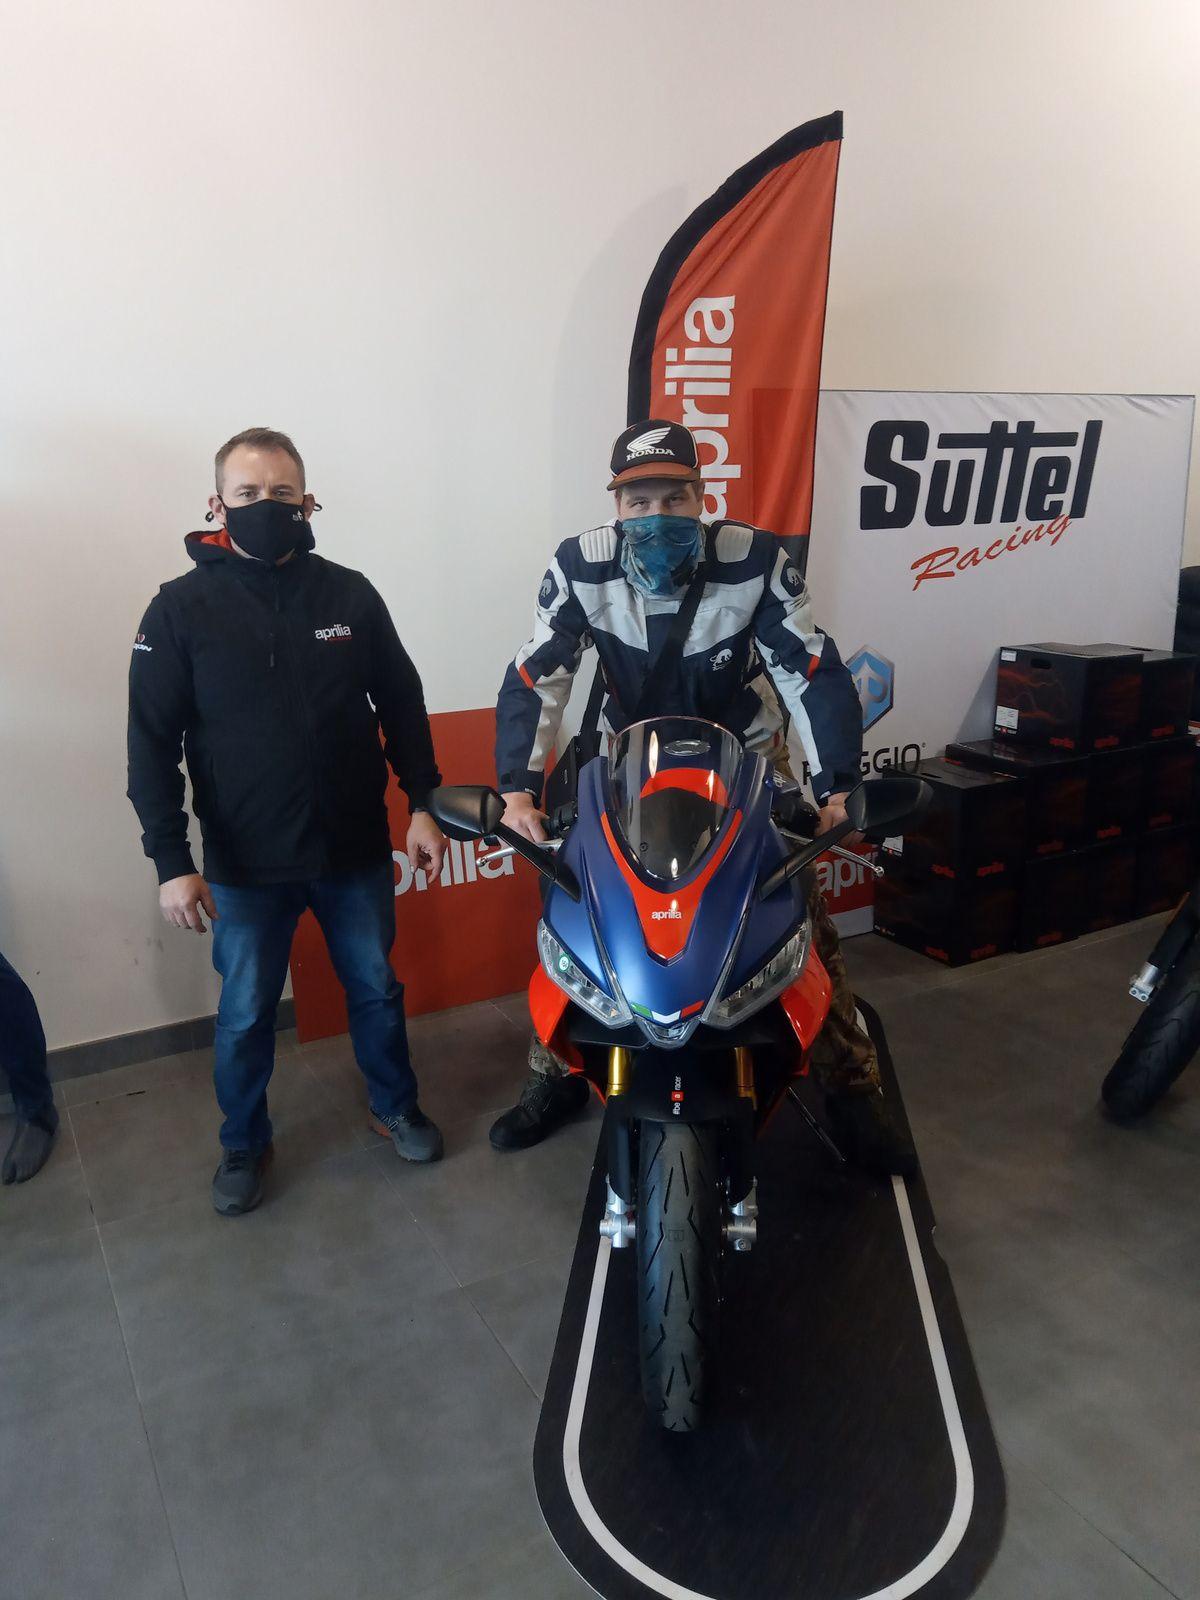 selfie prit chez suttel racing nîmes 17 mars après-midi sur rs660 aprilia